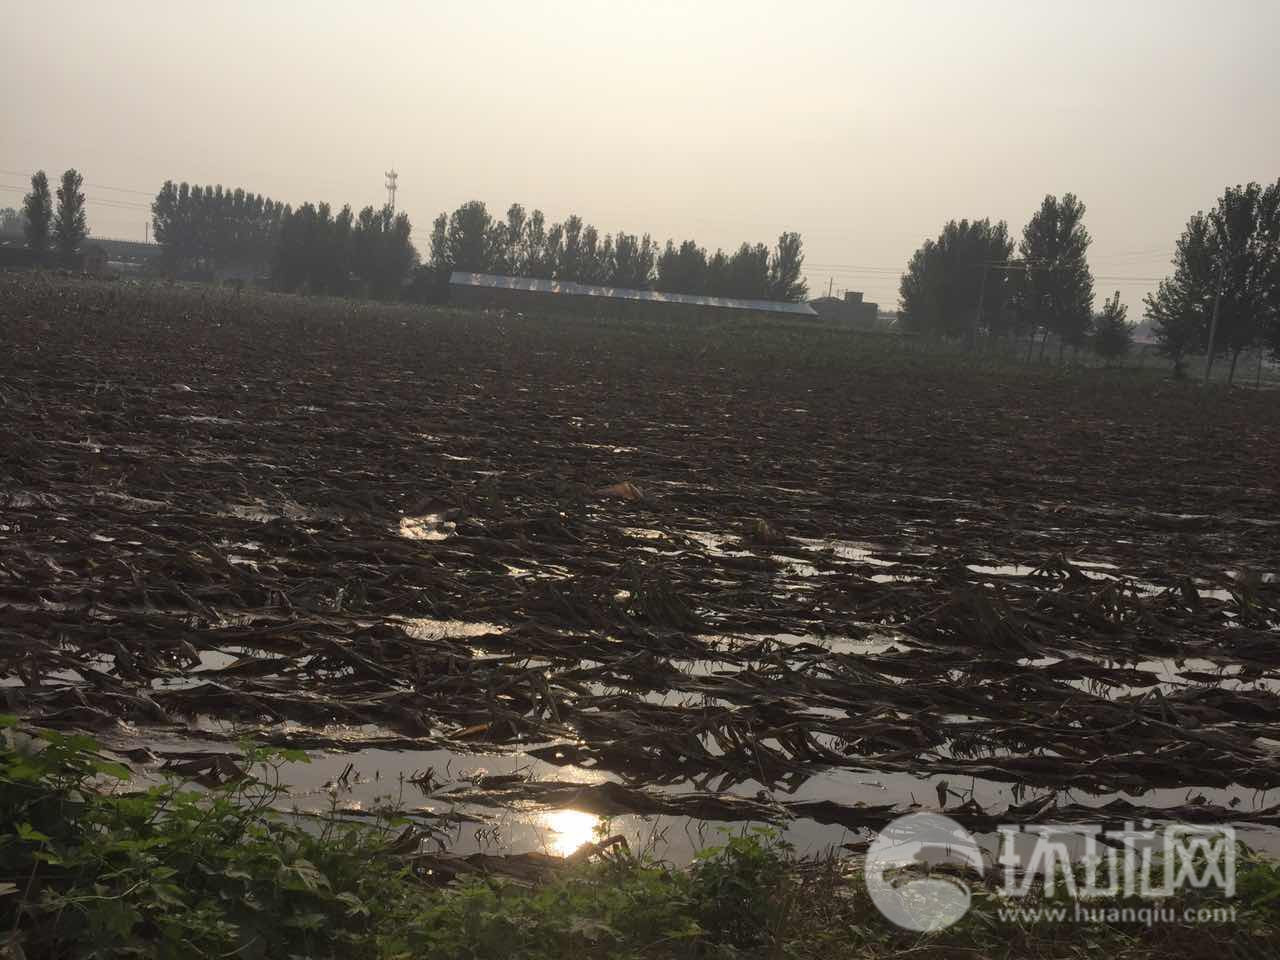 邢台强降雨引发洪灾 环球记者深入大贤村受灾现场